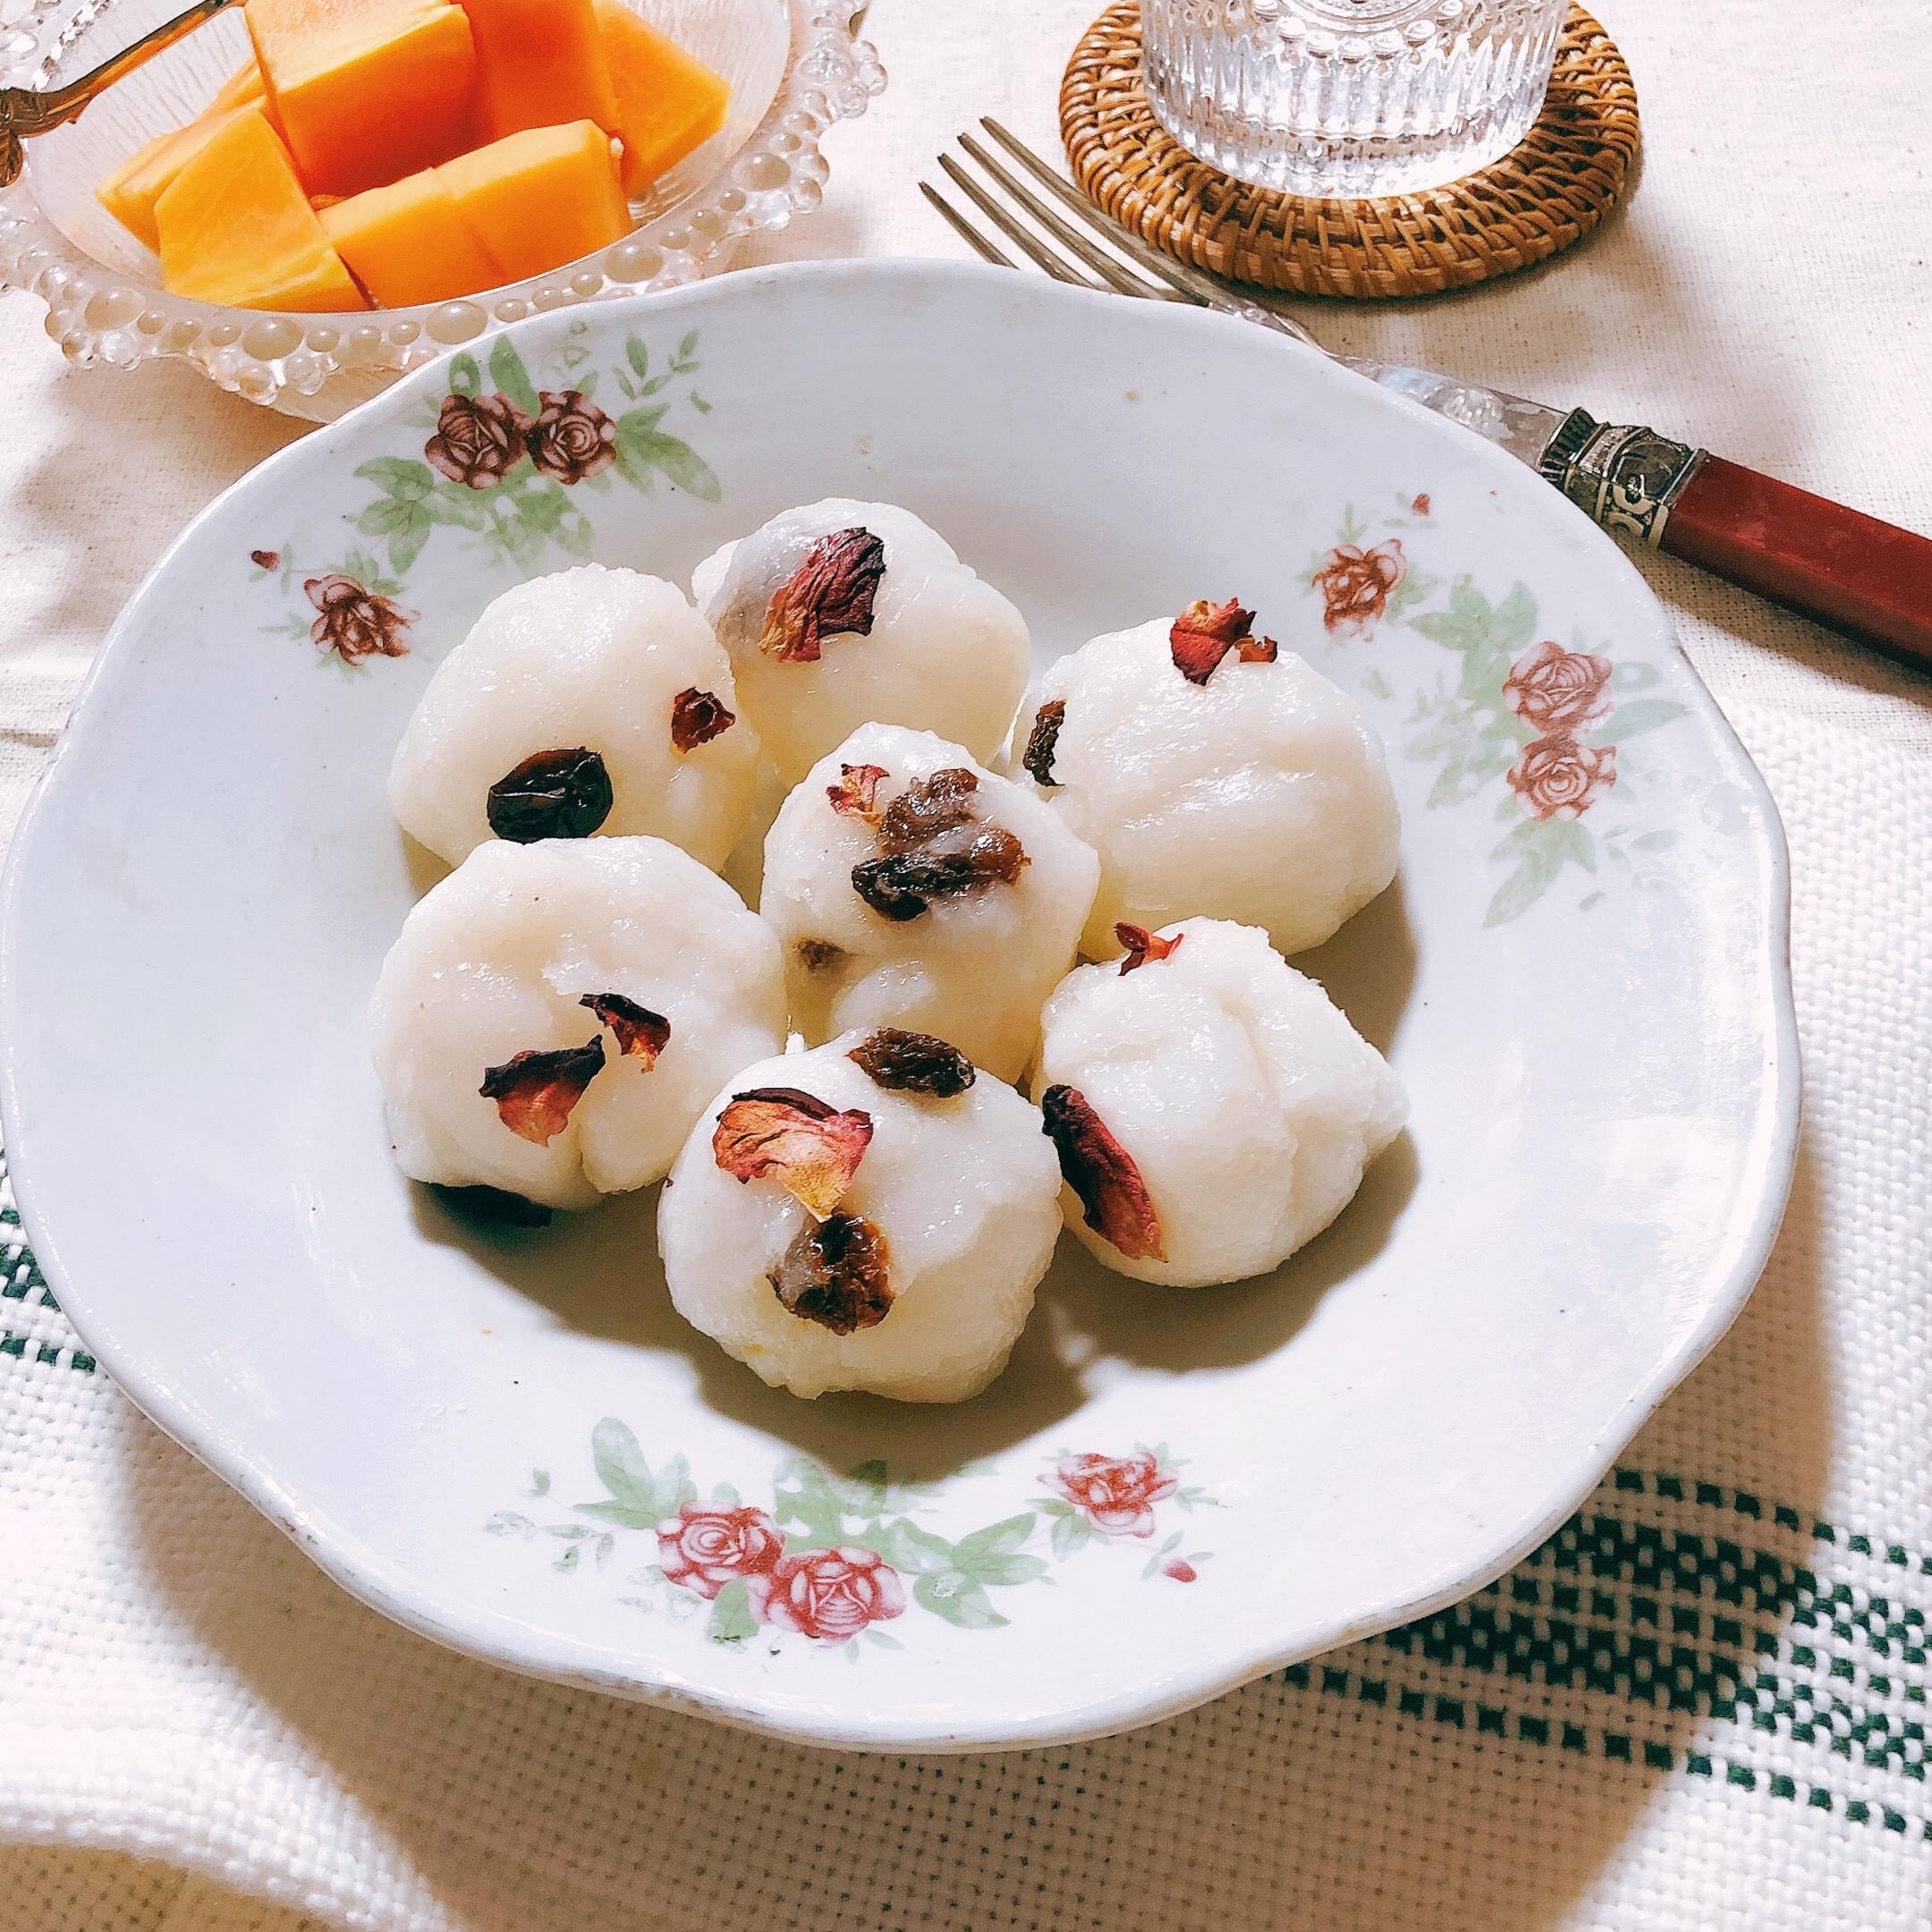 「糯糯唧唧、香甜綿密」剩米飯版米糕